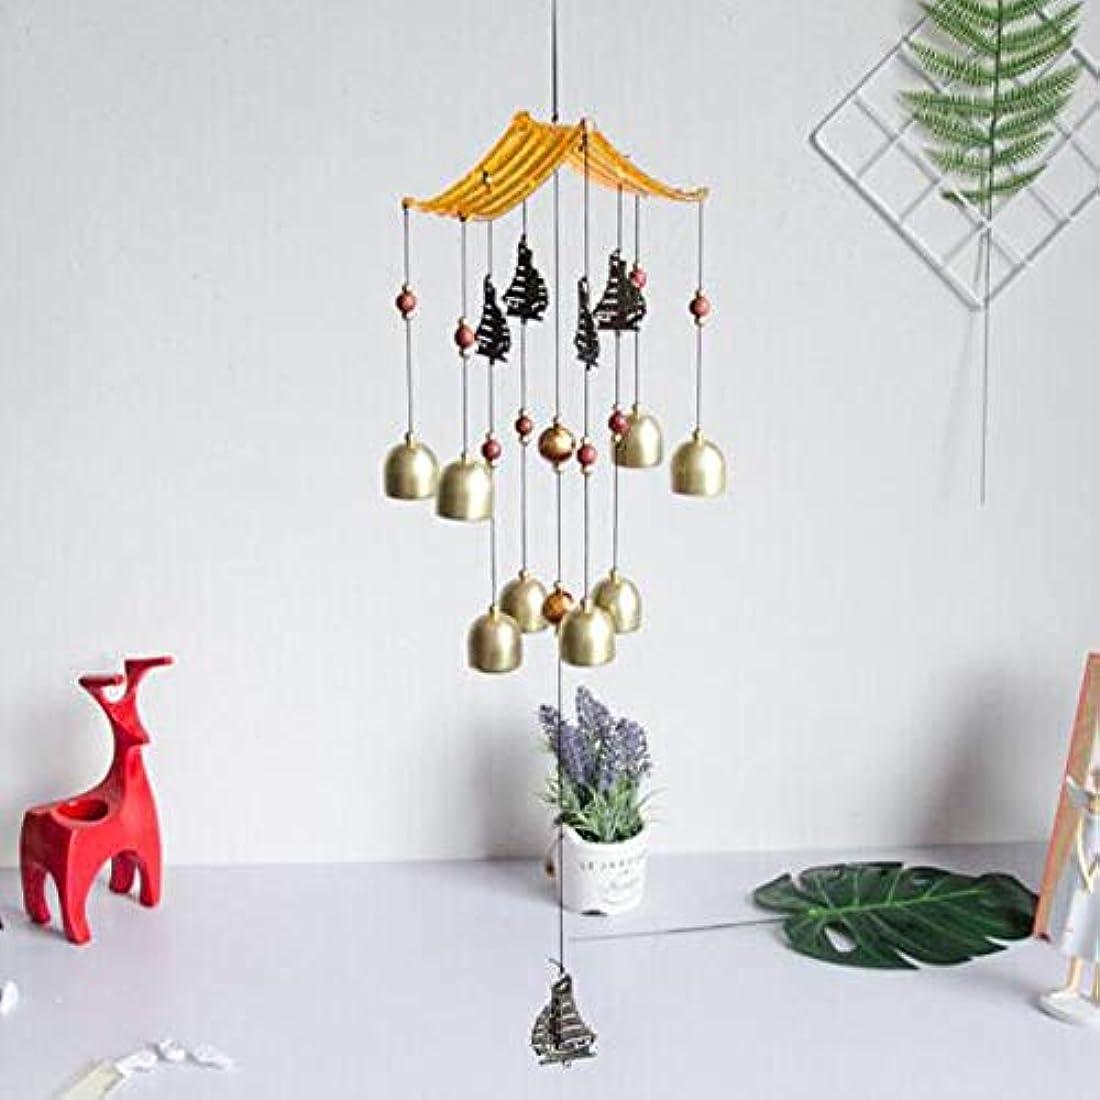 菊味方変なHongyuantongxun 風チャイム、金属銅鐘ホームデコレーション、ブラック、サイズ62 * 13CM,、装飾品ペンダント (Color : Gold-A)